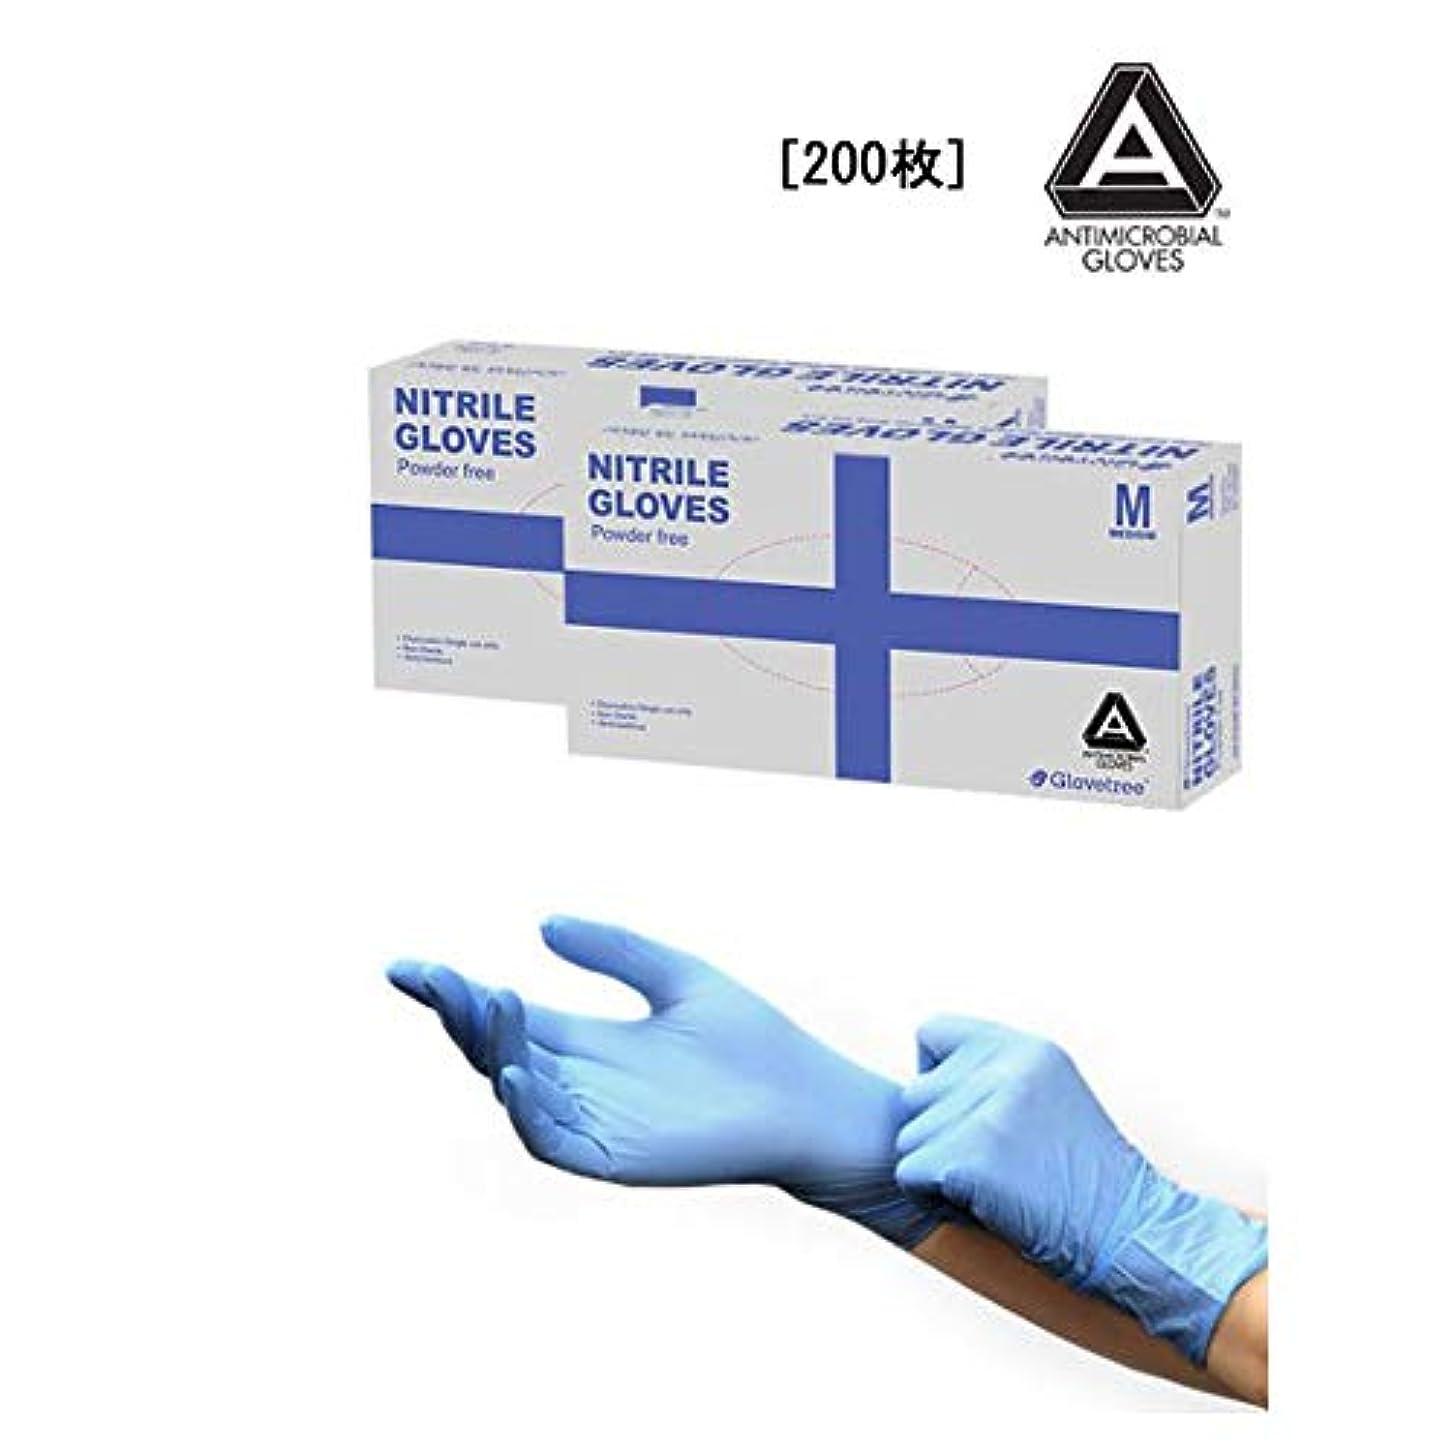 (Glove Tree)AMG(Anti Microbial Gloves) 最高品質 無粉末 ニトリル手袋 パウダーフリー Biolet Blue 200枚(3.2g Nitrile、Mサイズ目安、Powder Free...